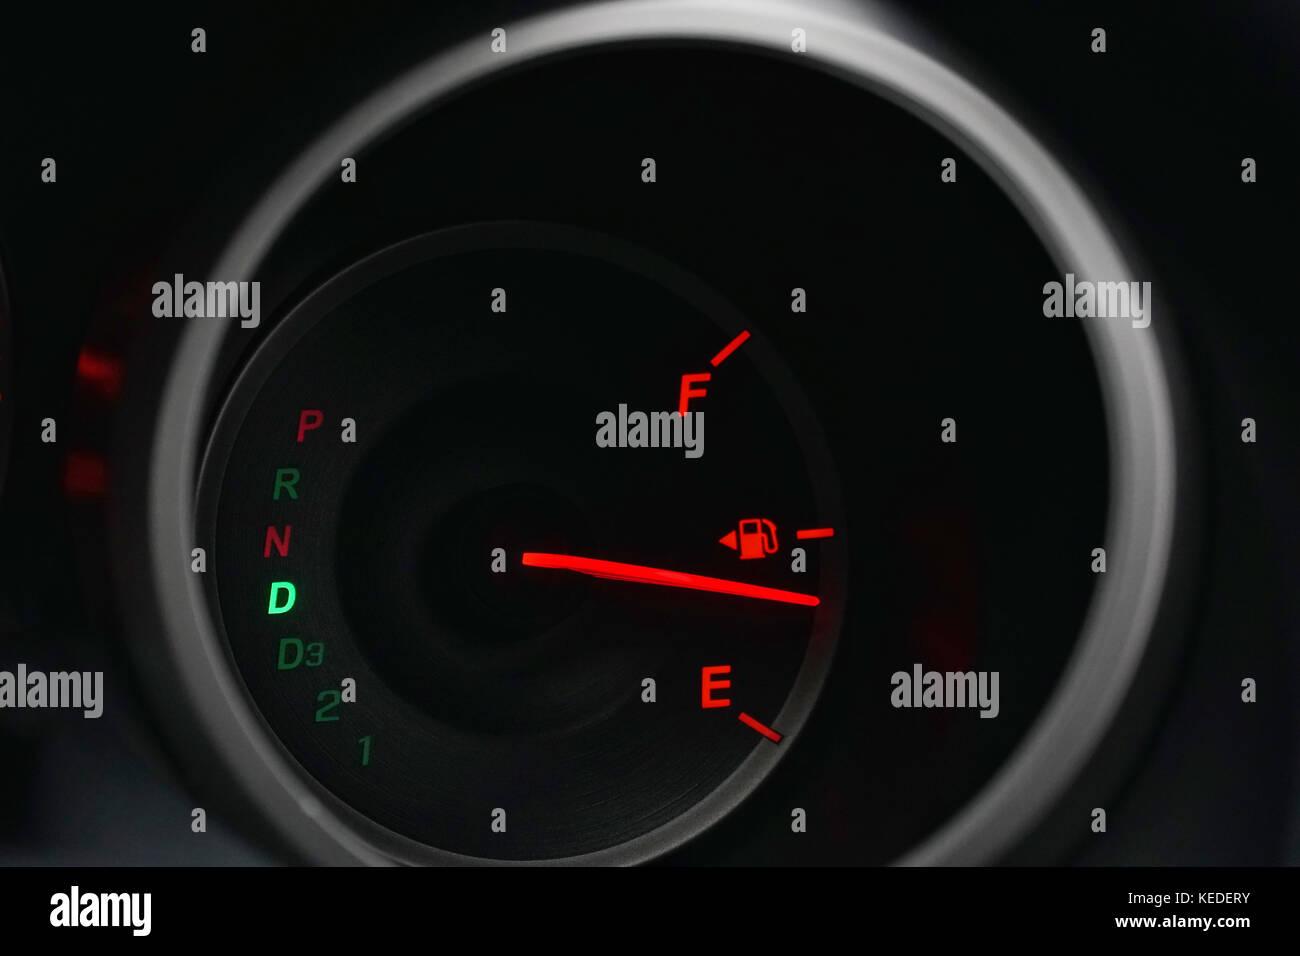 hight resolution of car indicator stock photos car indicator stock images alamy car dashboard labeled diagram dashboard closeup